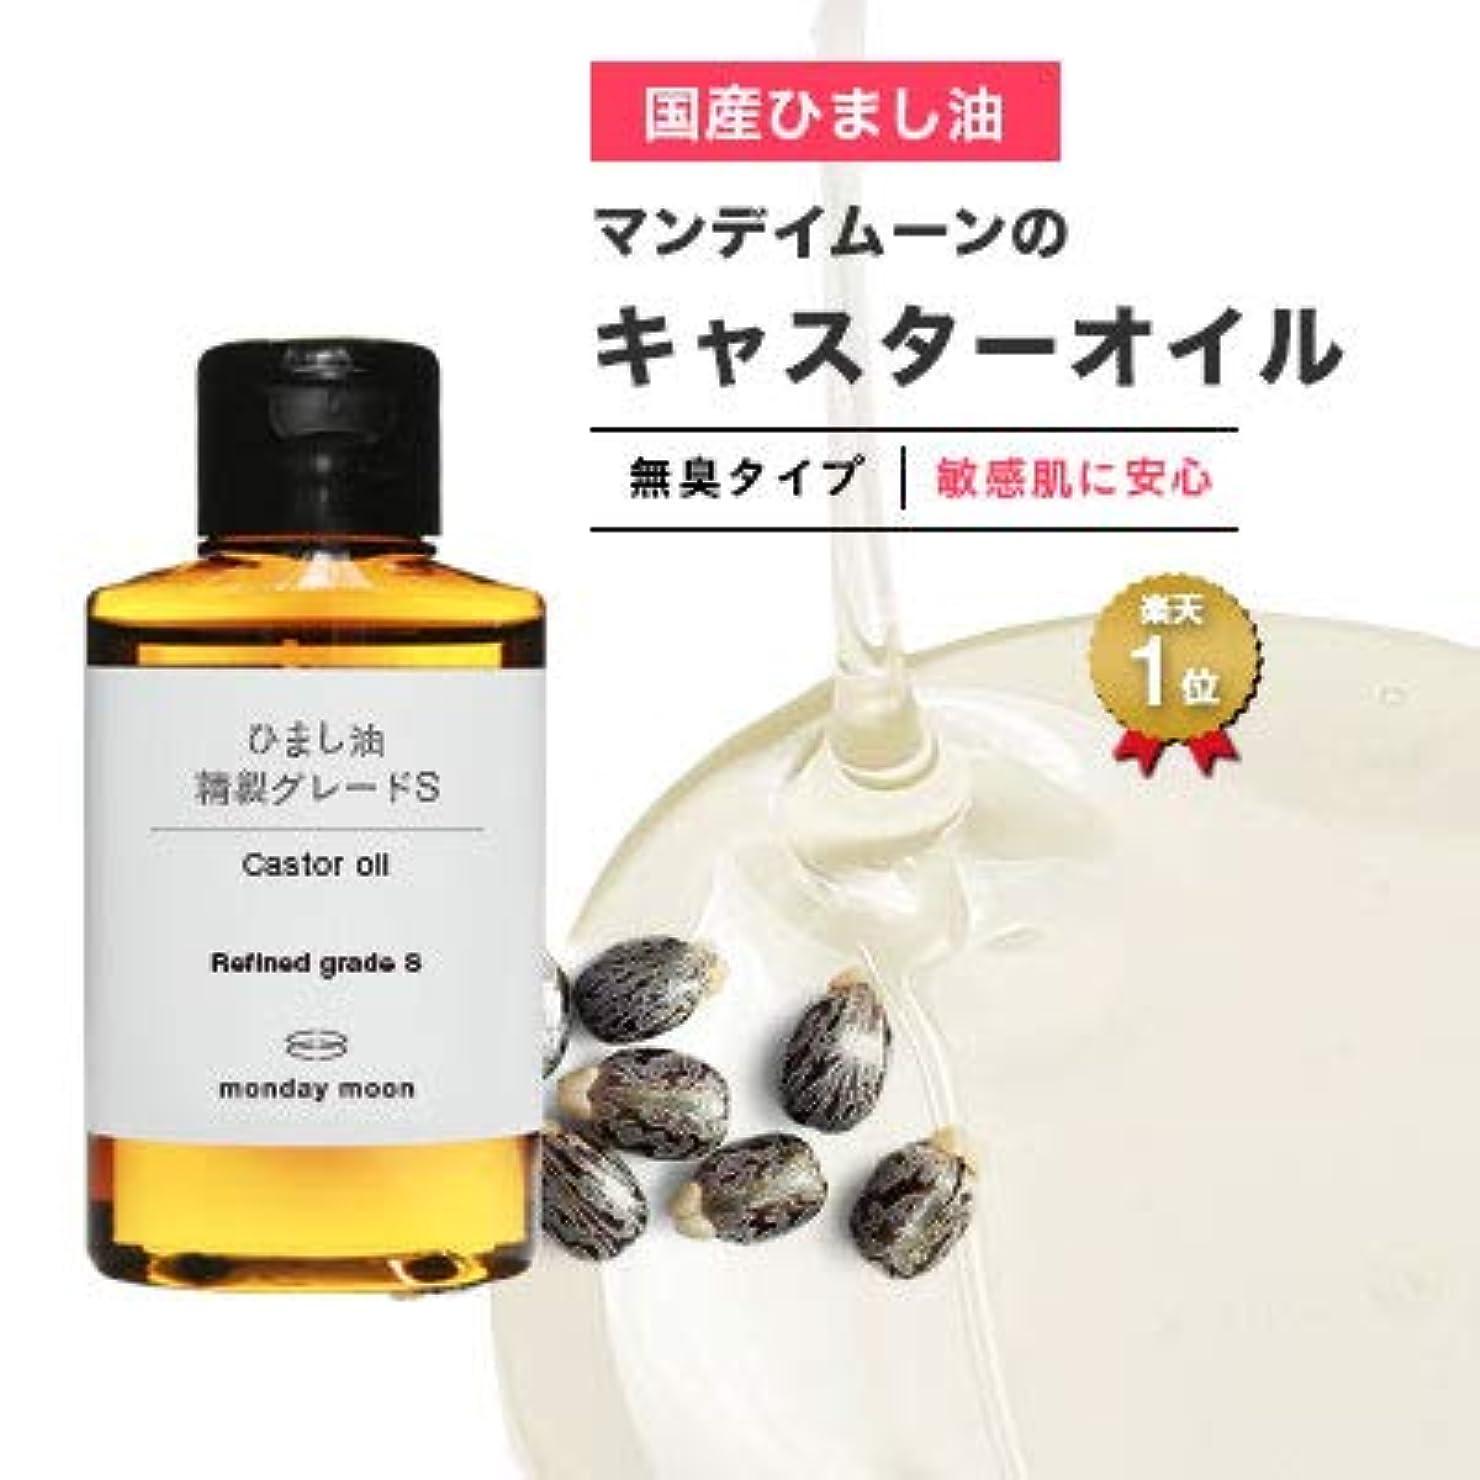 日光防止アカウントキャスターオイル?精製グレードS(ひまし油)/50ml